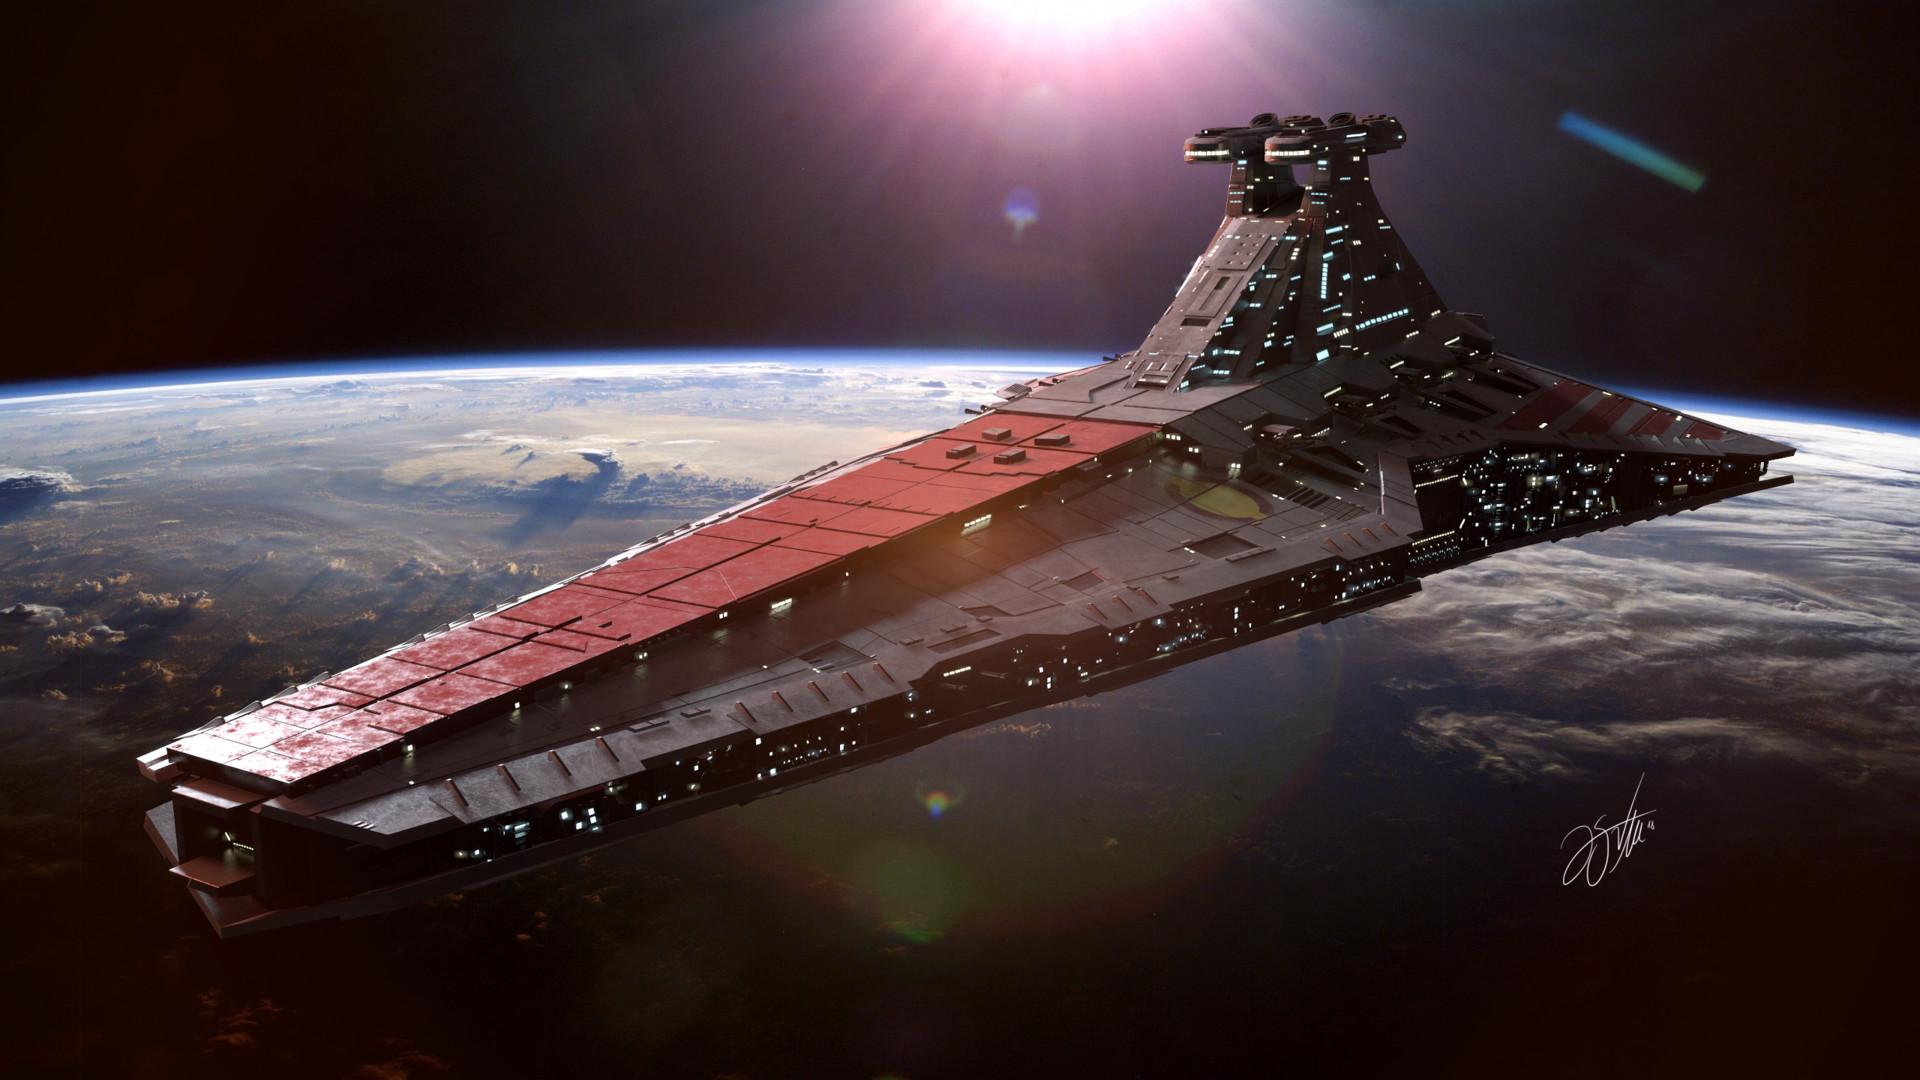 UNSC Infinity vs venator class star destroyer SpaceBattles